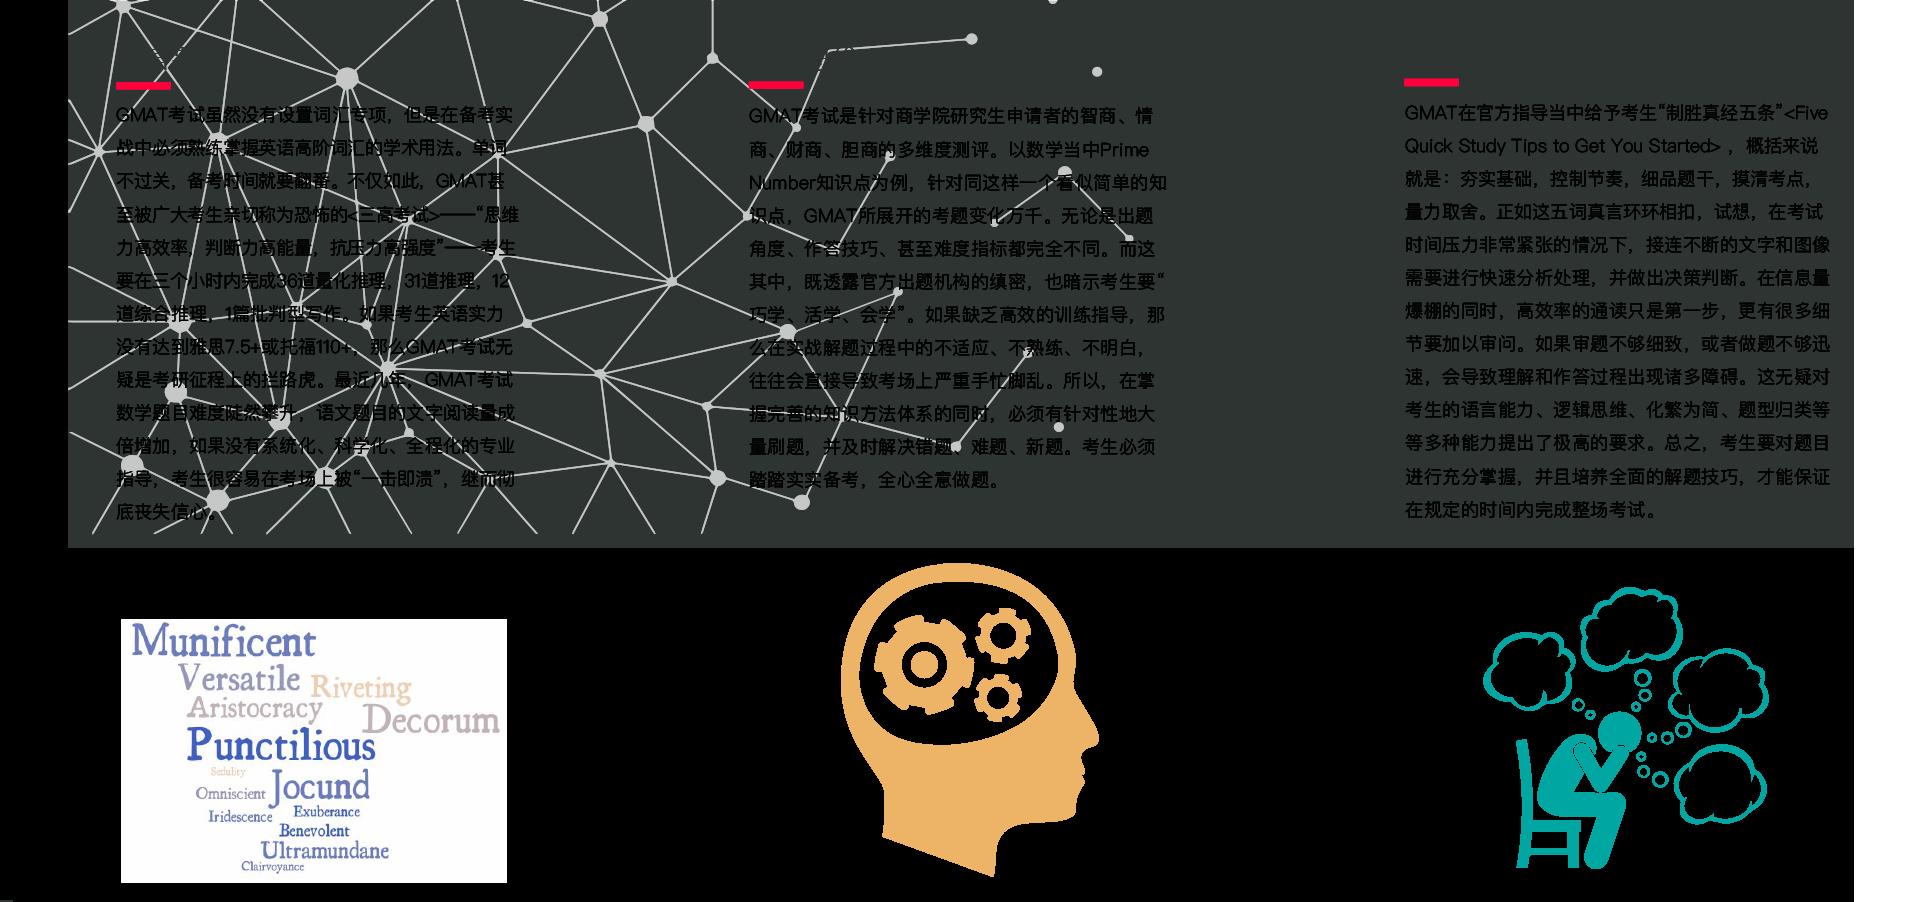 """语言要求:GMAT考试虽然没有设置词汇专项,但是在备考实战中必须熟练掌握英语高阶词汇的学术用法。单词不过关,备考时间就要翻番。不仅如此,GMAT甚至被广大考生亲切称为恐怖的<三高考试>——""""思维力高效率,判断力高能量,抗压力高强度""""——考生要在三个小时内完成36道量化推理,31道推理,12道综合推理,1篇批判型写作。如果考生英语实力没有达到雅思7.5+或托福110+,那么GMAT考试无疑是考研征程上的拦路虎。最近几年,GMAT考试数学题目难度陡然攀升,语文题目的文字阅读量成倍增加,如果没有系统化、科学化、全程化的专业指导,考生很容易在考场上被""""一击即溃"""",继而彻底丧失信心。商科思维、逻辑能力:GMAT考试是针对商学院研究生申请者的智商、情商、财商、胆商的多维度测评。以数学当中Prime Number知识点为例,针对同这样一个看似简单的知识点,GMAT所展开的考题变化万千。无论是出题角度、作答技巧、甚至难度指标都完全不同。而这其中,既透露官方出题机构的缜密,也暗示考生要"""" 巧学、活学、会学""""。如果缺乏高效的训练指导,那么在实战解题过程中的不适应、不熟练、不明白,往往会直接导致考场上严重手忙脚乱。所以,在掌握完善的知识方法体系的同时,必须有针对性地大量刷题,并及时解决错题、难题、新题。考生必须踏踏实实备考,全心全意做题。信息量大、细节多:GMAT在官方指导当中给予考生""""制胜真经五条""""<Five Quick Study Tips to Get You Started> ,概括来说就是:夯实基础,控制节奏,细品题干,摸清考点,量力取舍。正如这五词真言环环相扣,试想,在考试时间压力非常紧张的情况下,接连不断的文字和图像需要进行快速分析处理,并做出决策判断。在信息量爆棚的同时,高效率的通读只是第一步,更有很多细节要加以审问。如果审题不够细致,或者做题不够迅速,会导致理解和作答过程出现诸多障碍。这无疑对考生的语言能力、逻辑思维、化繁为简、题型归类等等多种能力提出了极高的要求。总之,考生要对题目进行充分掌握,并且培养全面的解题技巧,才能保证在规定的时间内完成整场考试。"""